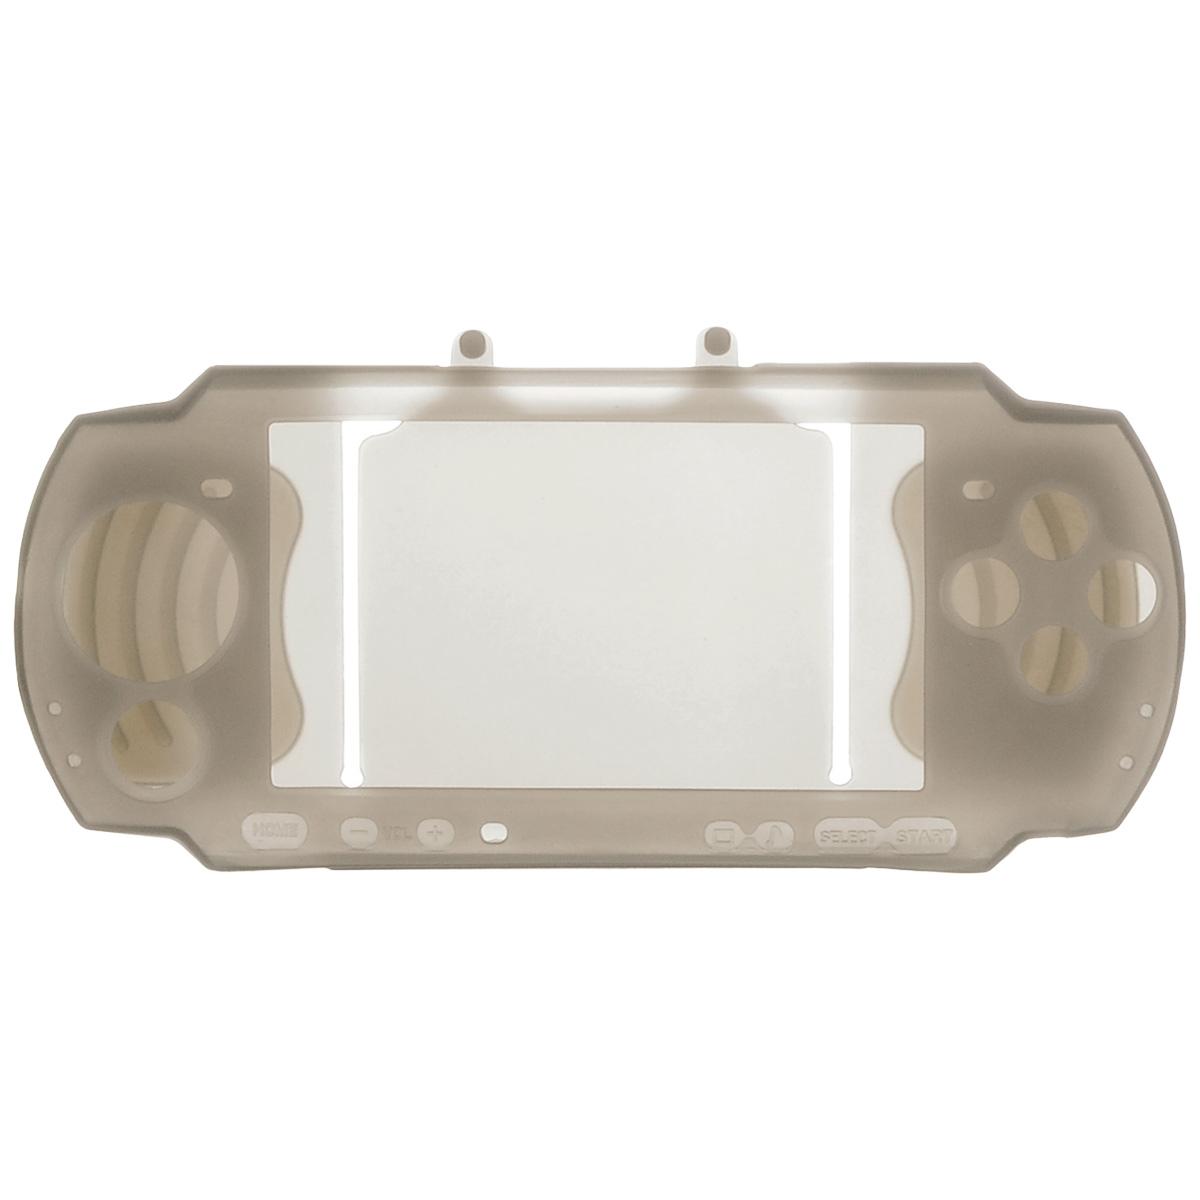 Силиконовый чехол Game Guru Silicon Case для PSP 3000 (серый)PSP3000-Y034Силиконовый чехол Game Guru Silicon Case для PSP 3000 - стильная и надежная защита из высококачественного материала. Чехол надежно защитит вашу приставку от внешних воздействий, грязи, царапин и потертостей. Чехол легко надевается и снимается, совместим со всеми версиями консоли PSP 3000. Легкий доступ ко всем портам и кнопкам позволяет использовать консоль не снимая чехол.